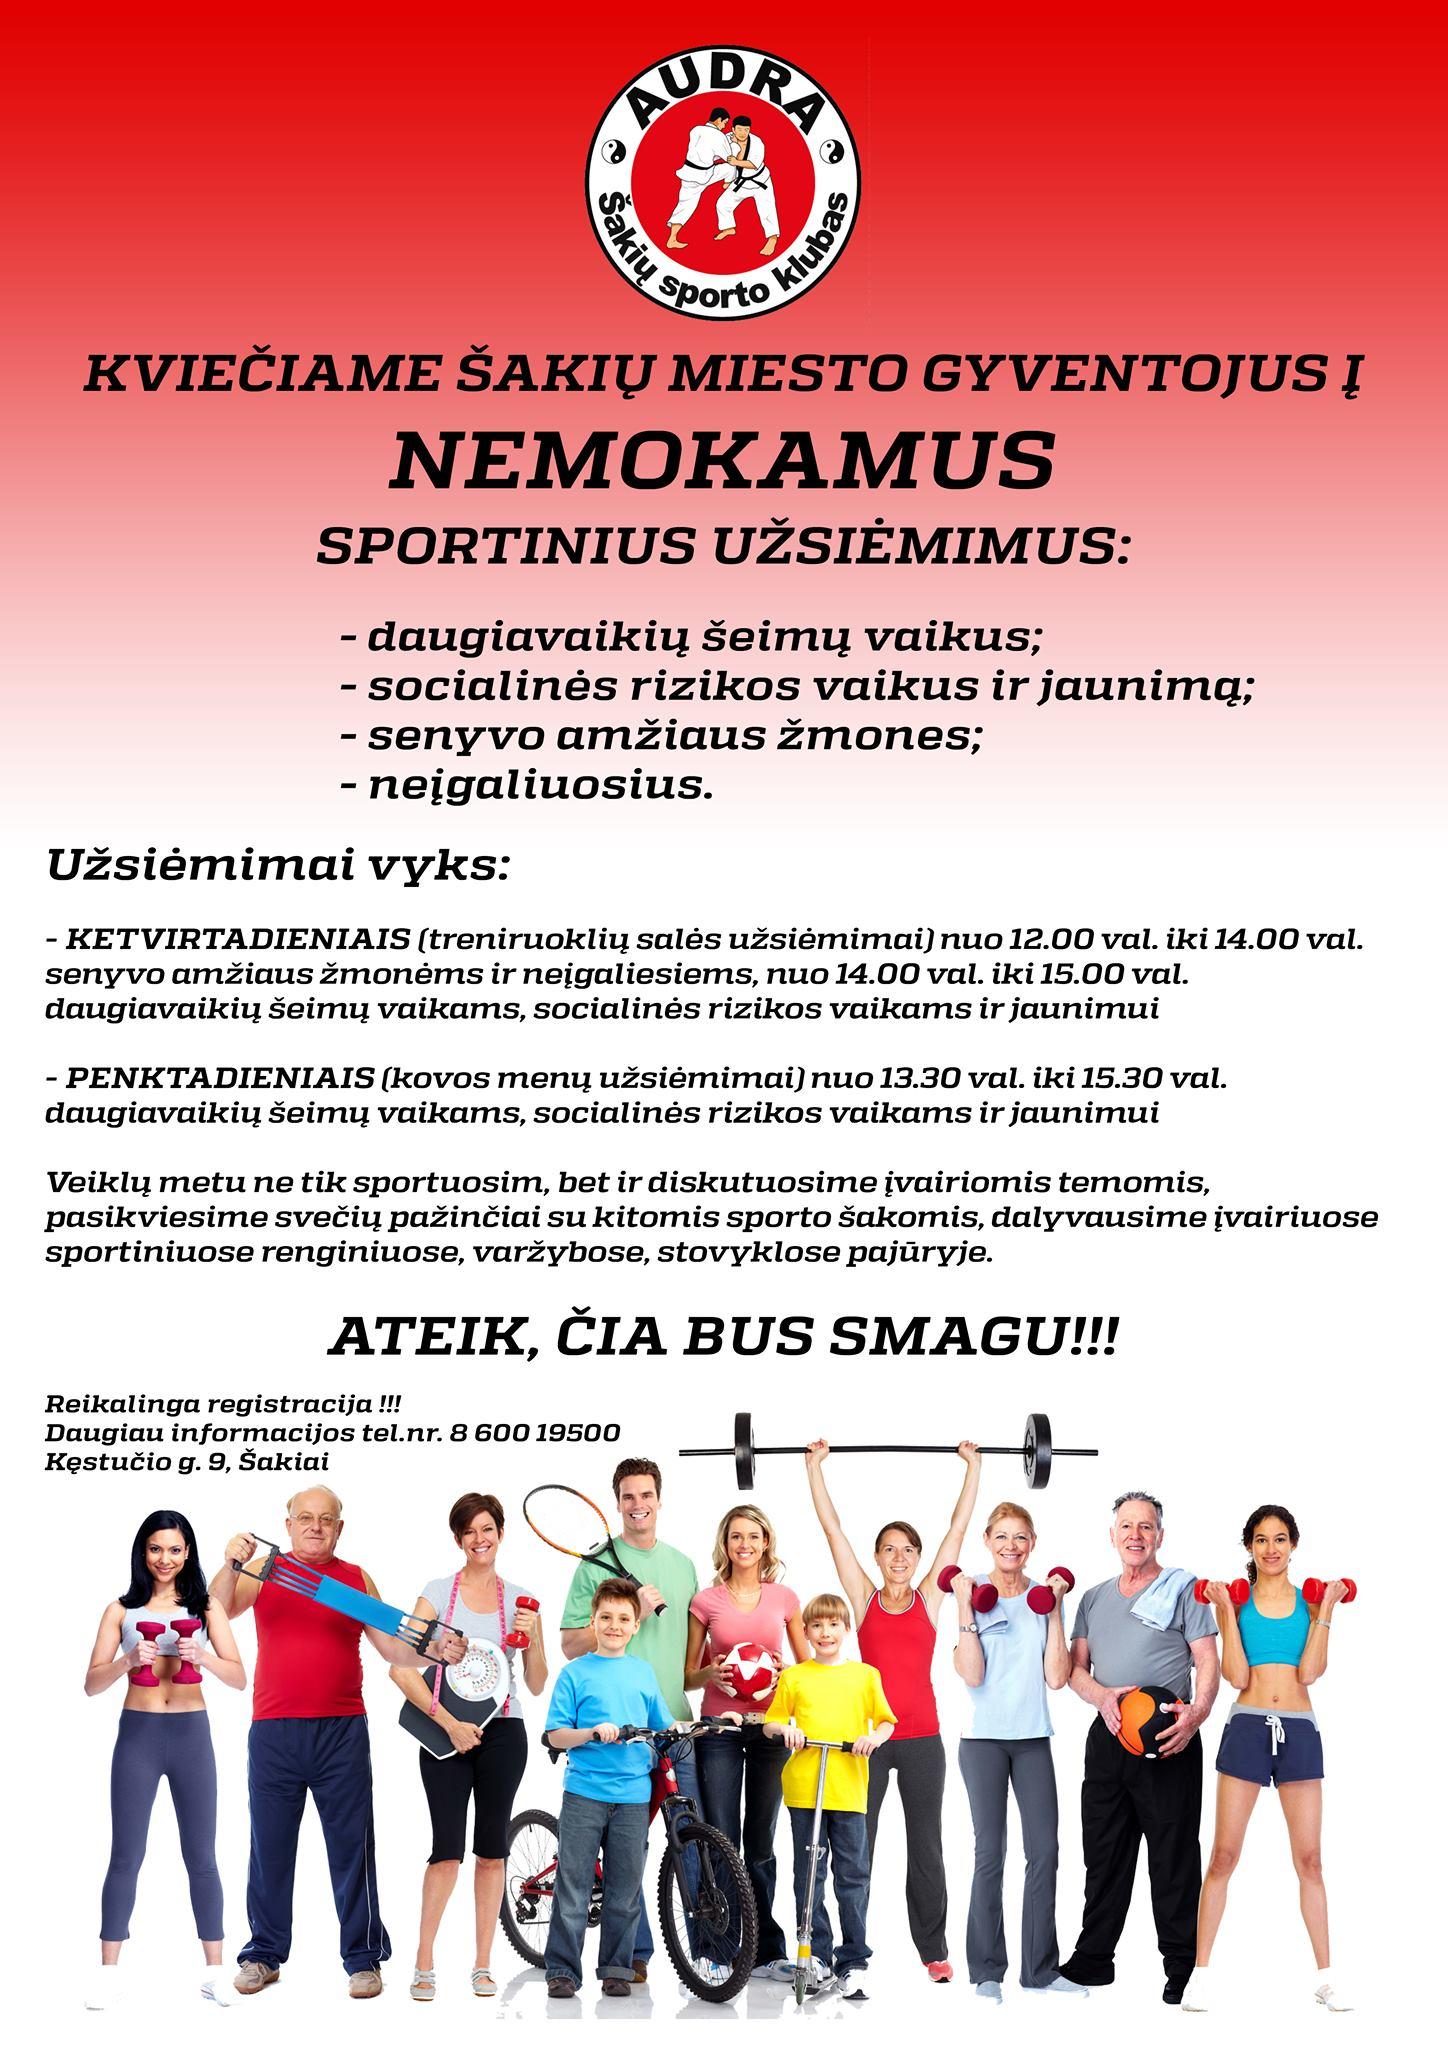 """Kviečiame į NEMOKAMUS užsiėmimus sporto klube """"Audra"""""""